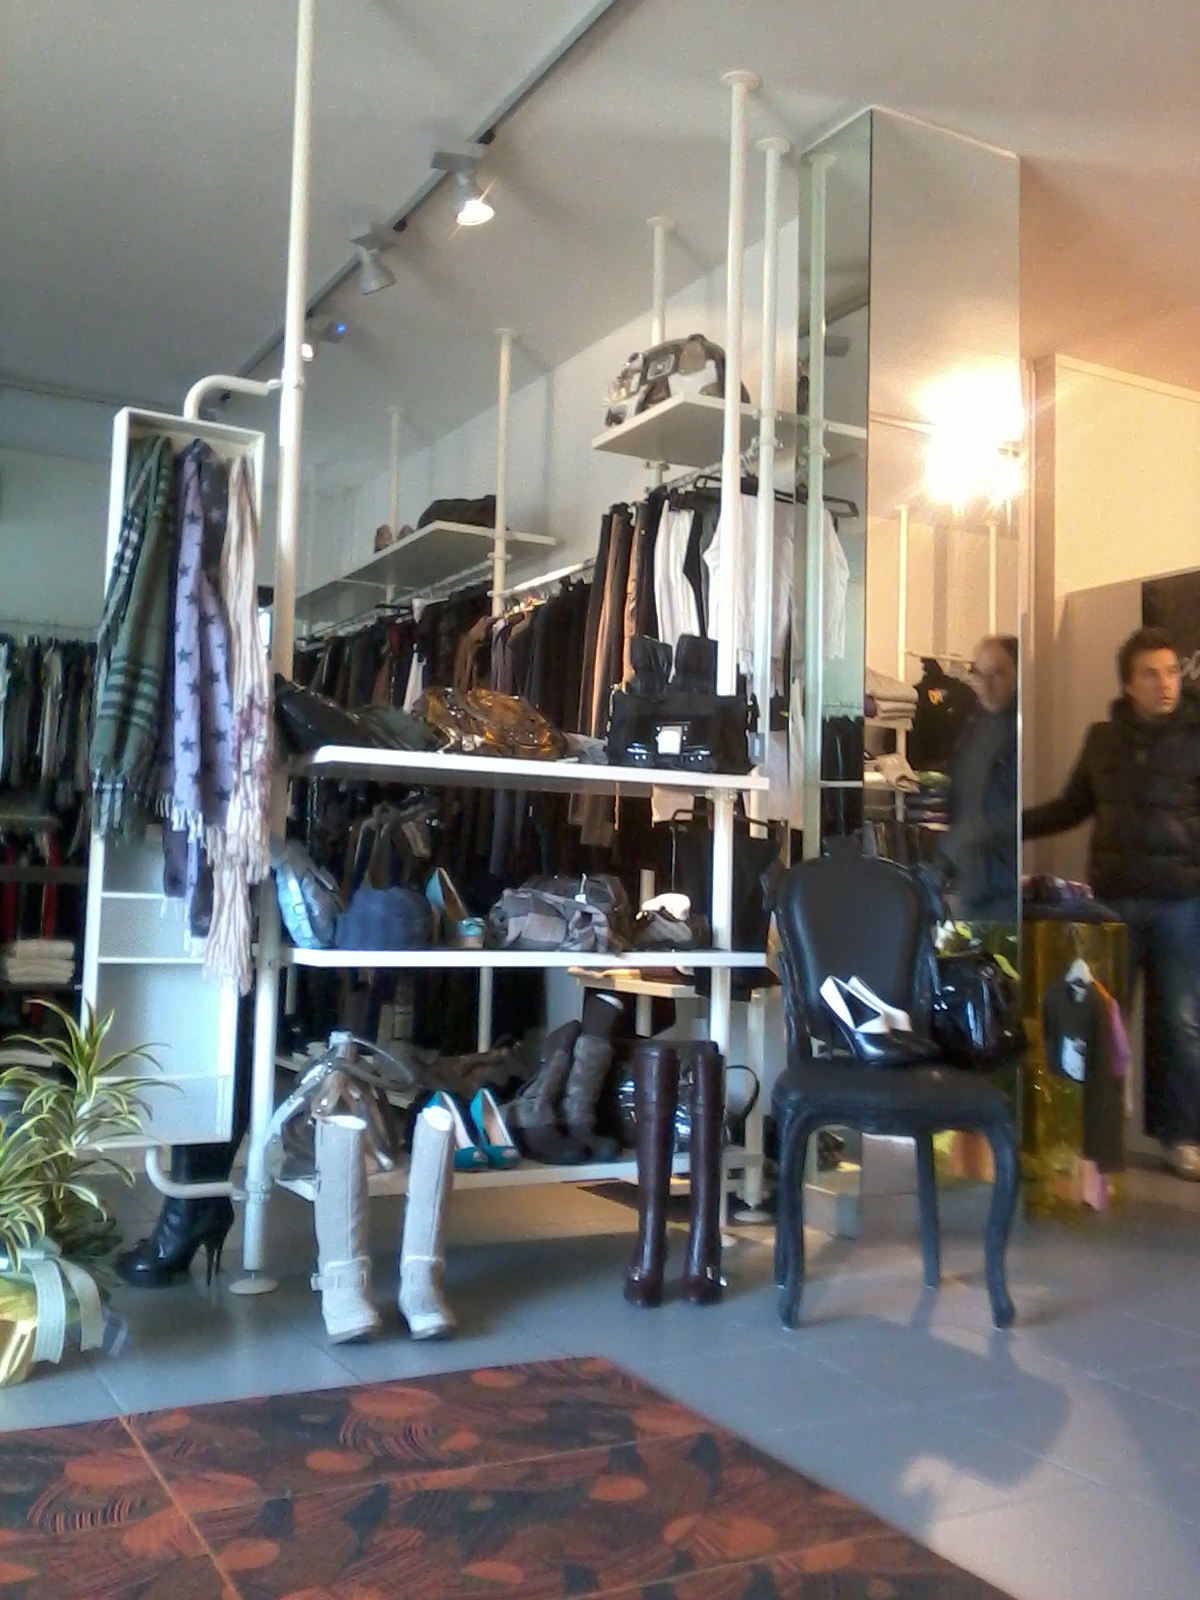 Ikea per modi 39 abbiagliamento arredare una casa - Negozi arredamento tipo ikea ...